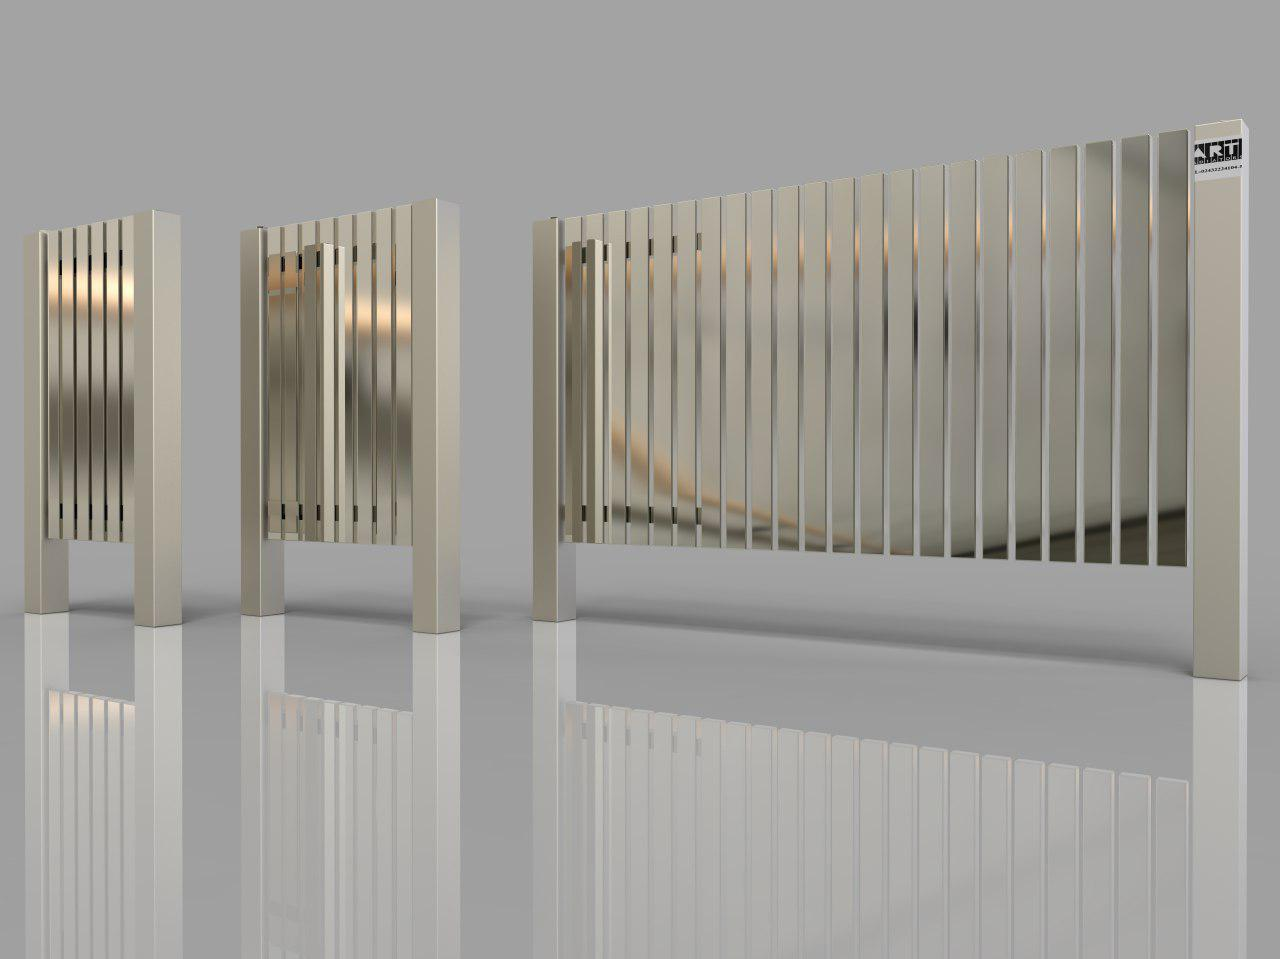 رادیاتور استیل مدل ART 1060